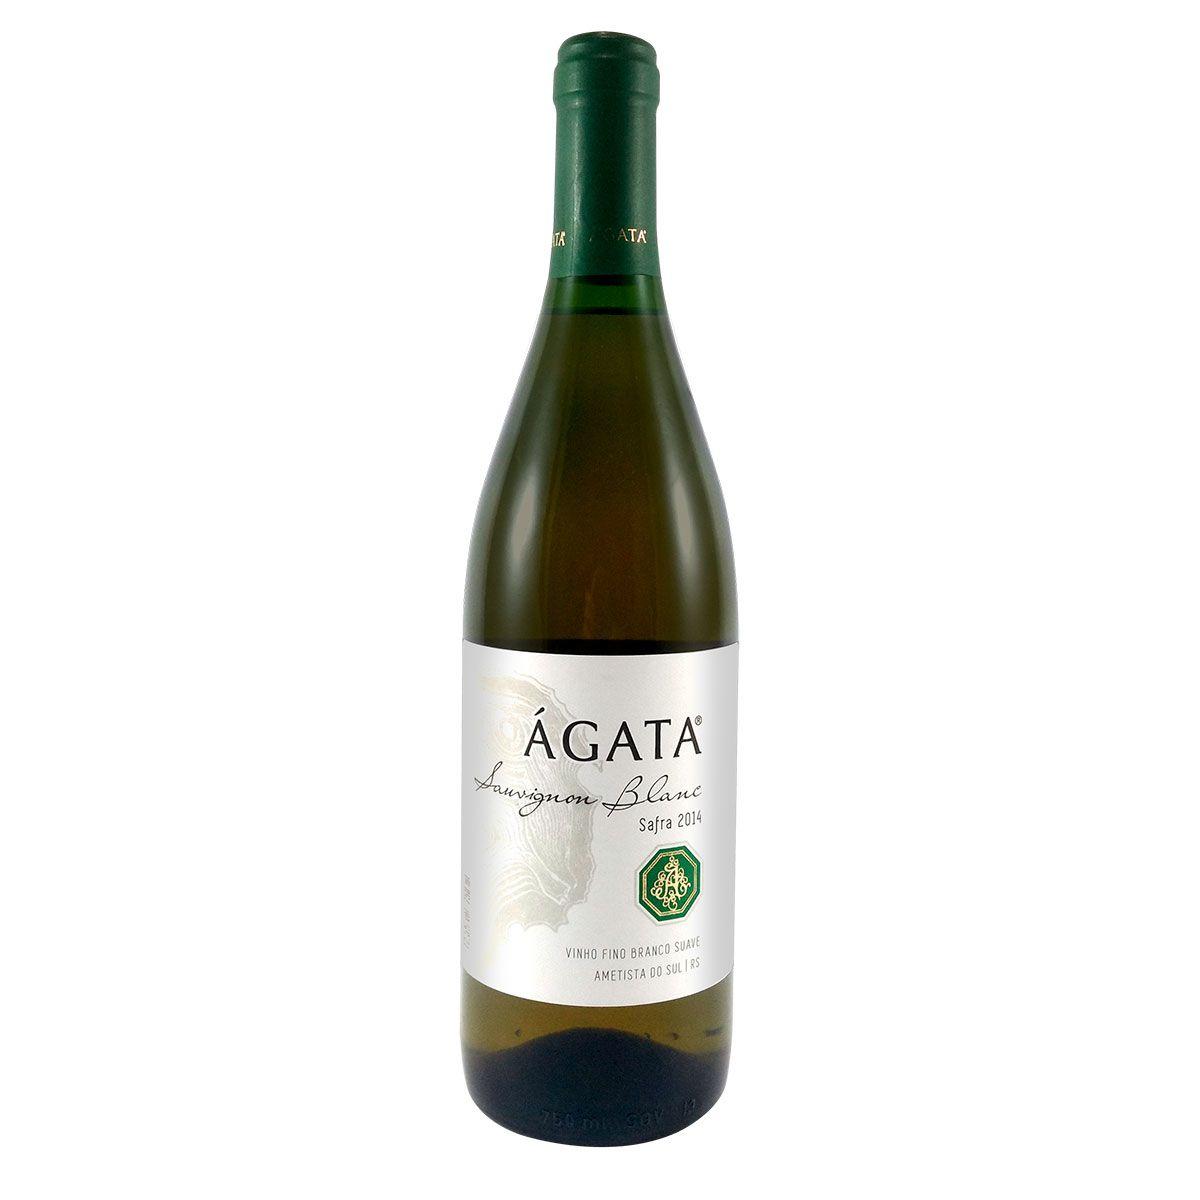 Vinho Fino Branco Suave Ágata Sauvignon Blanc 750ml